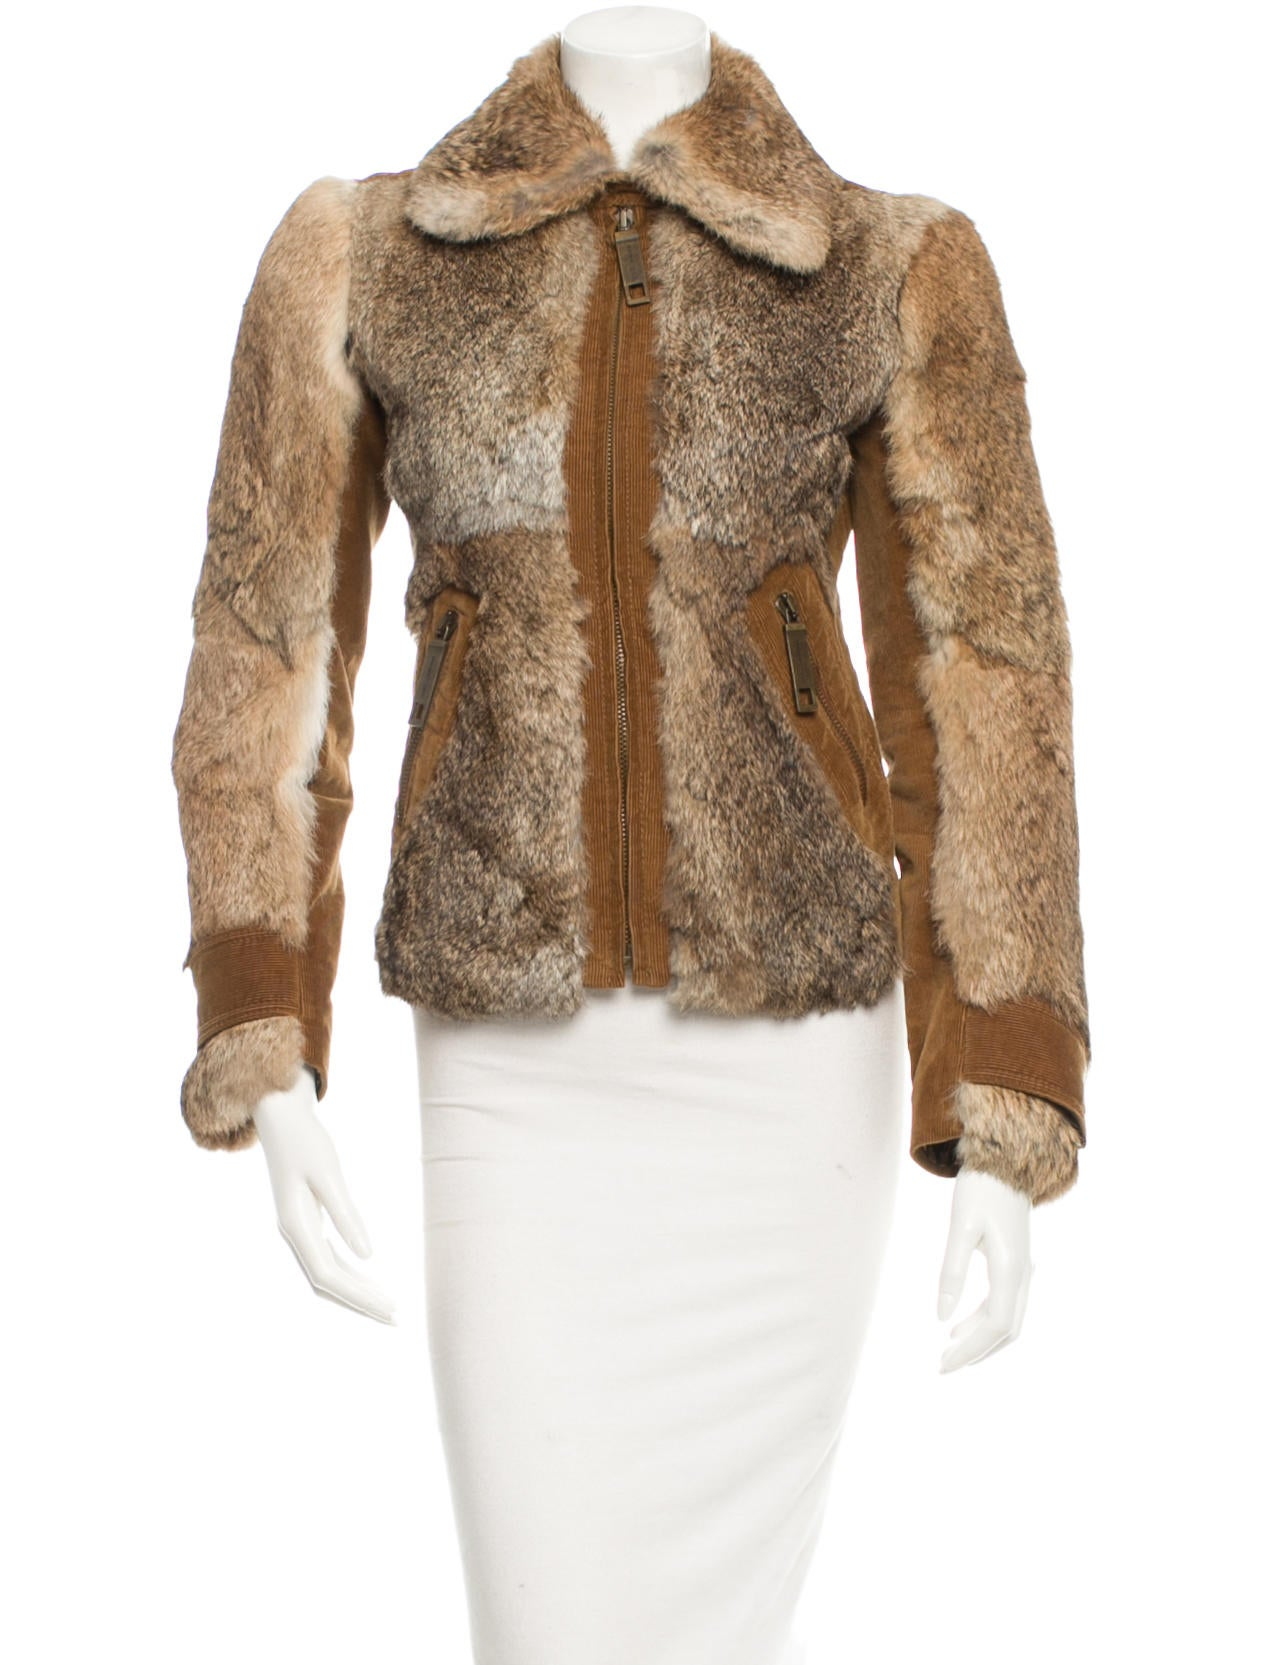 dolce gabbana fur jacket clothing dag39396 the realreal. Black Bedroom Furniture Sets. Home Design Ideas